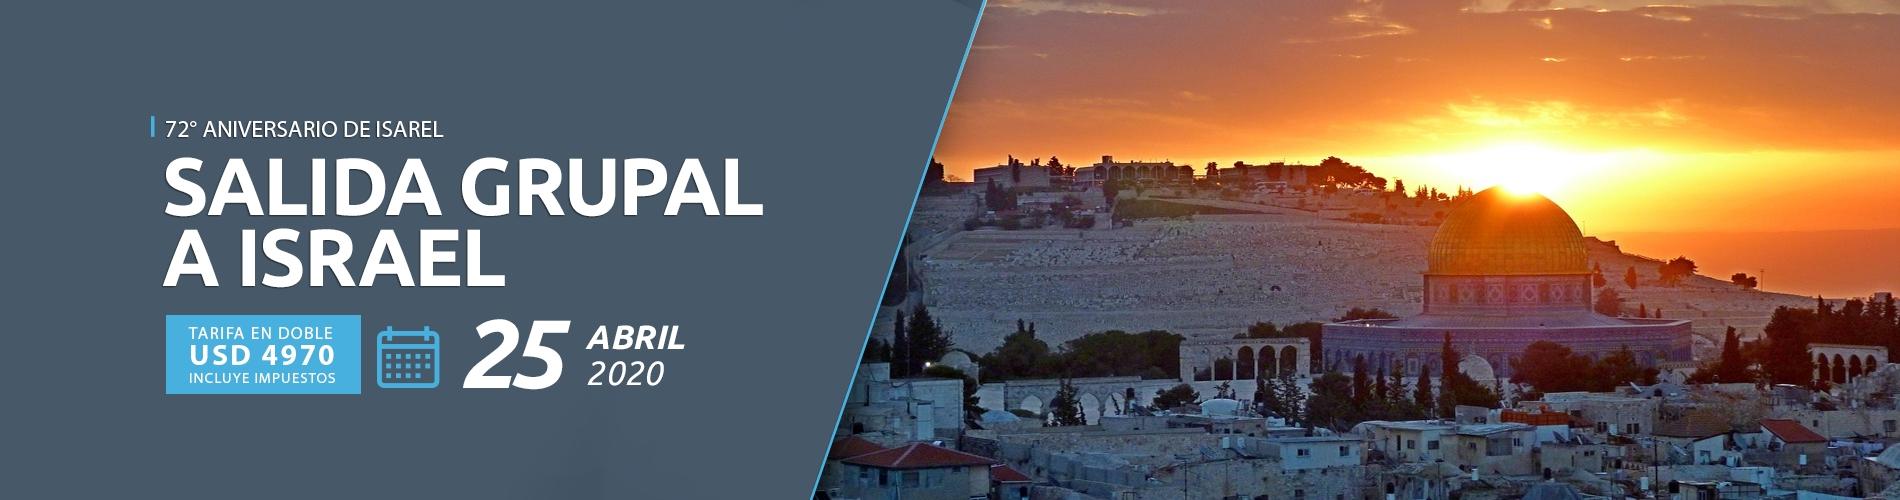 ANIVERS. DE ISRAEL